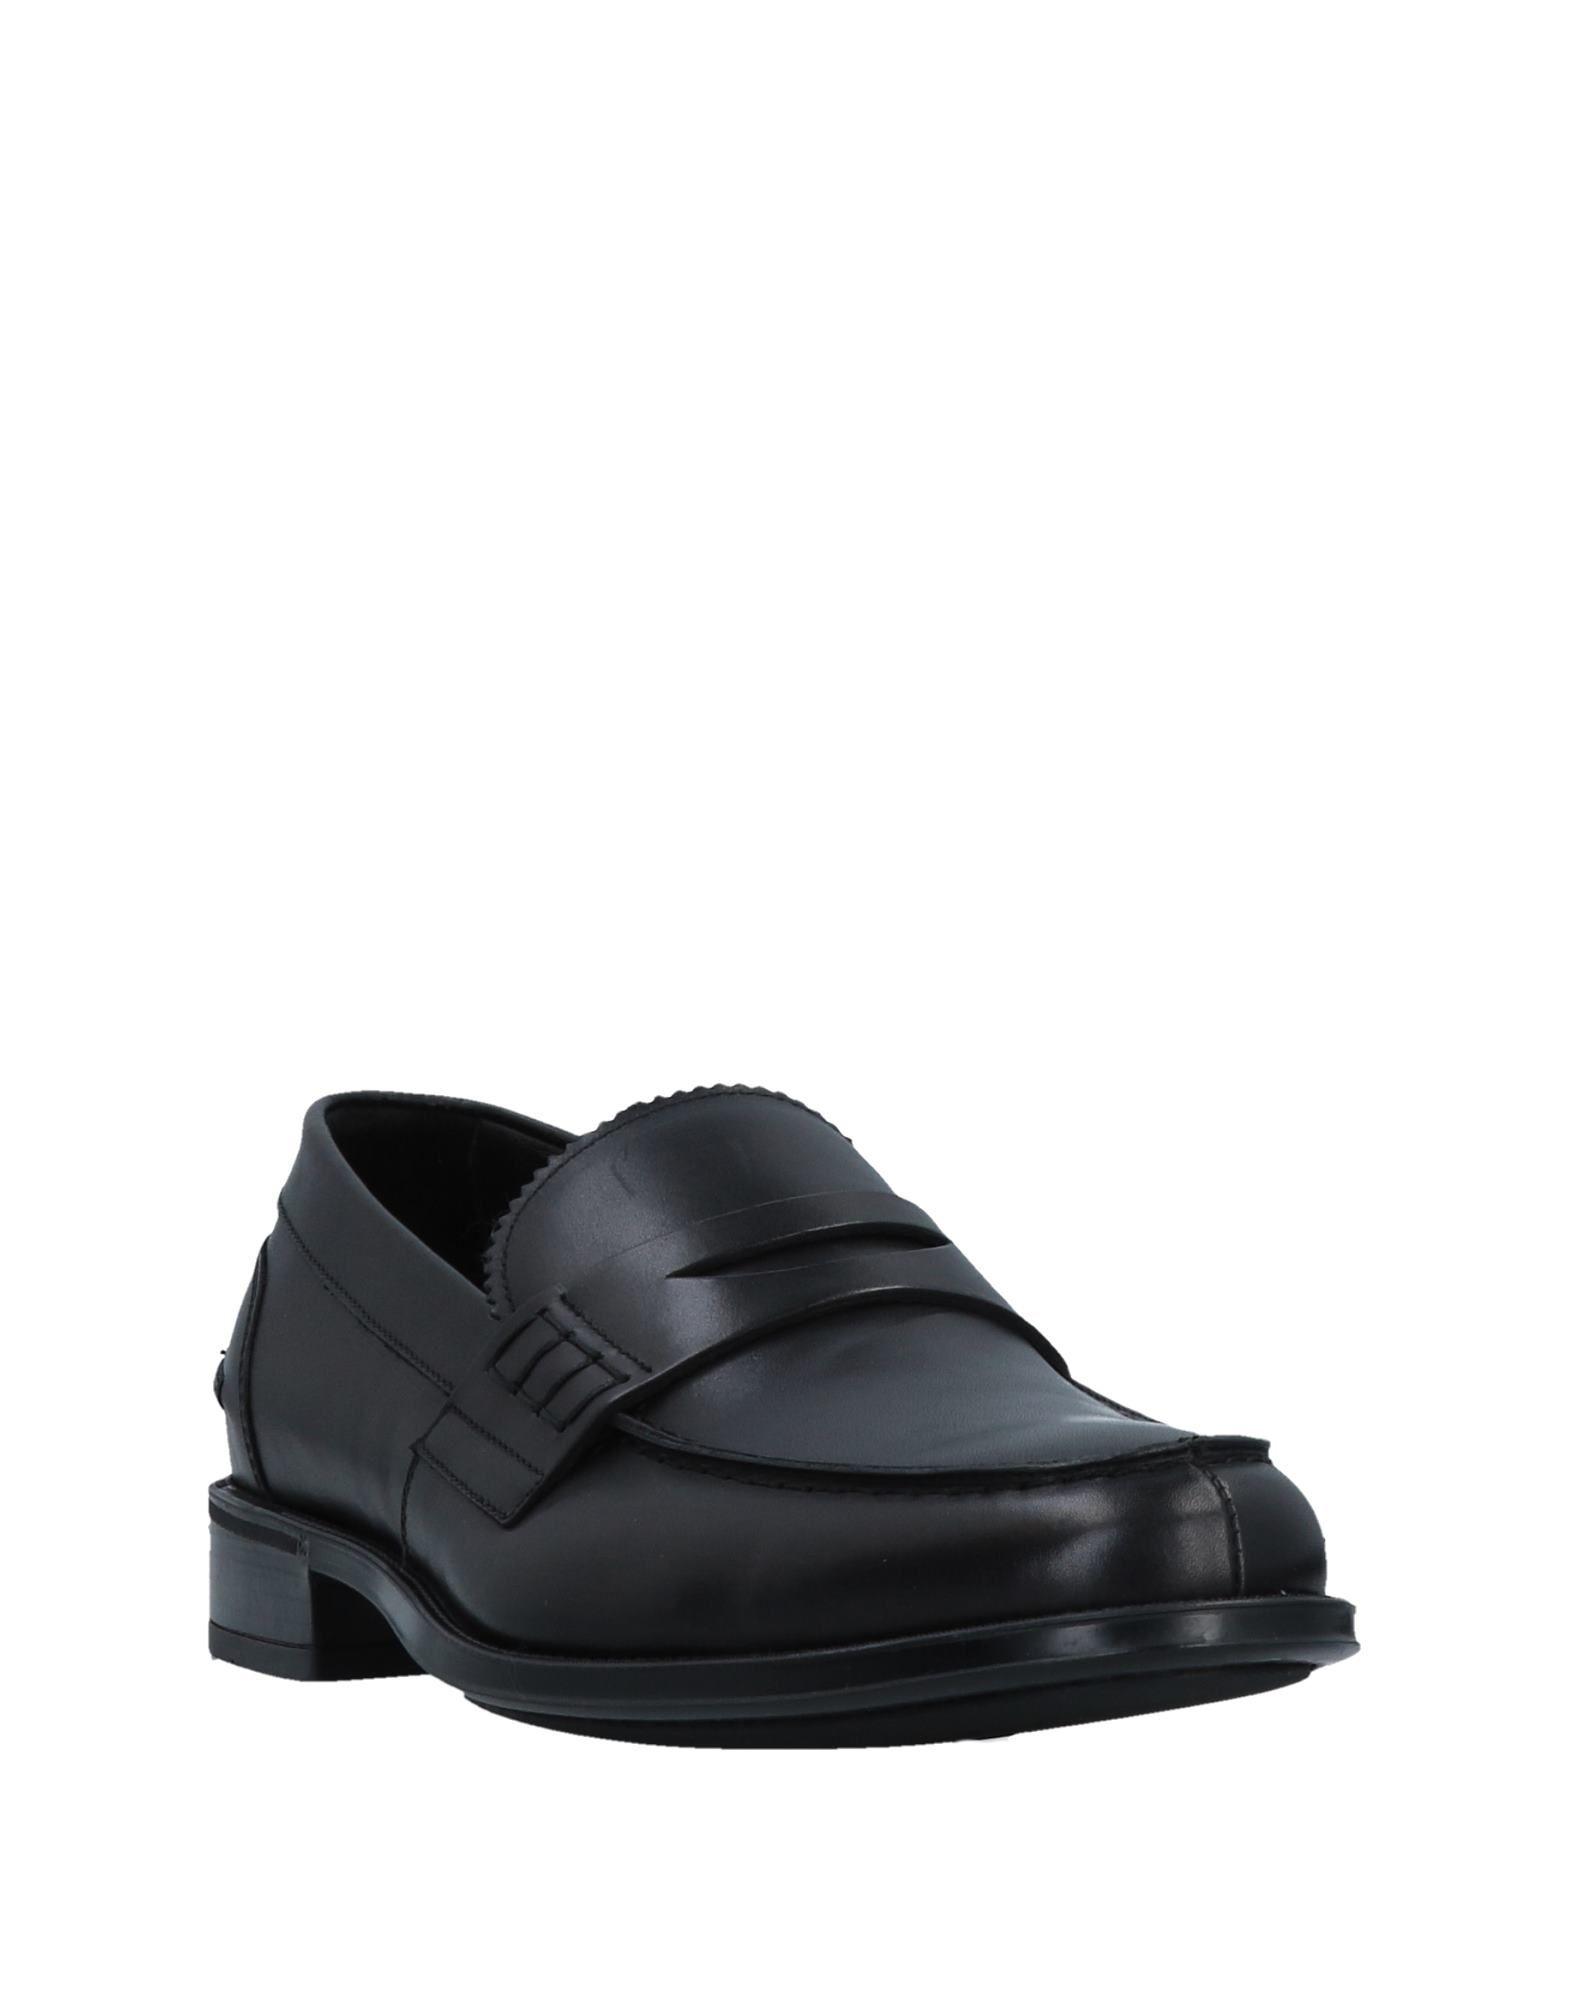 Doucal's Mokassins Herren  beliebte 11508753WA Gute Qualität beliebte  Schuhe 3087a1